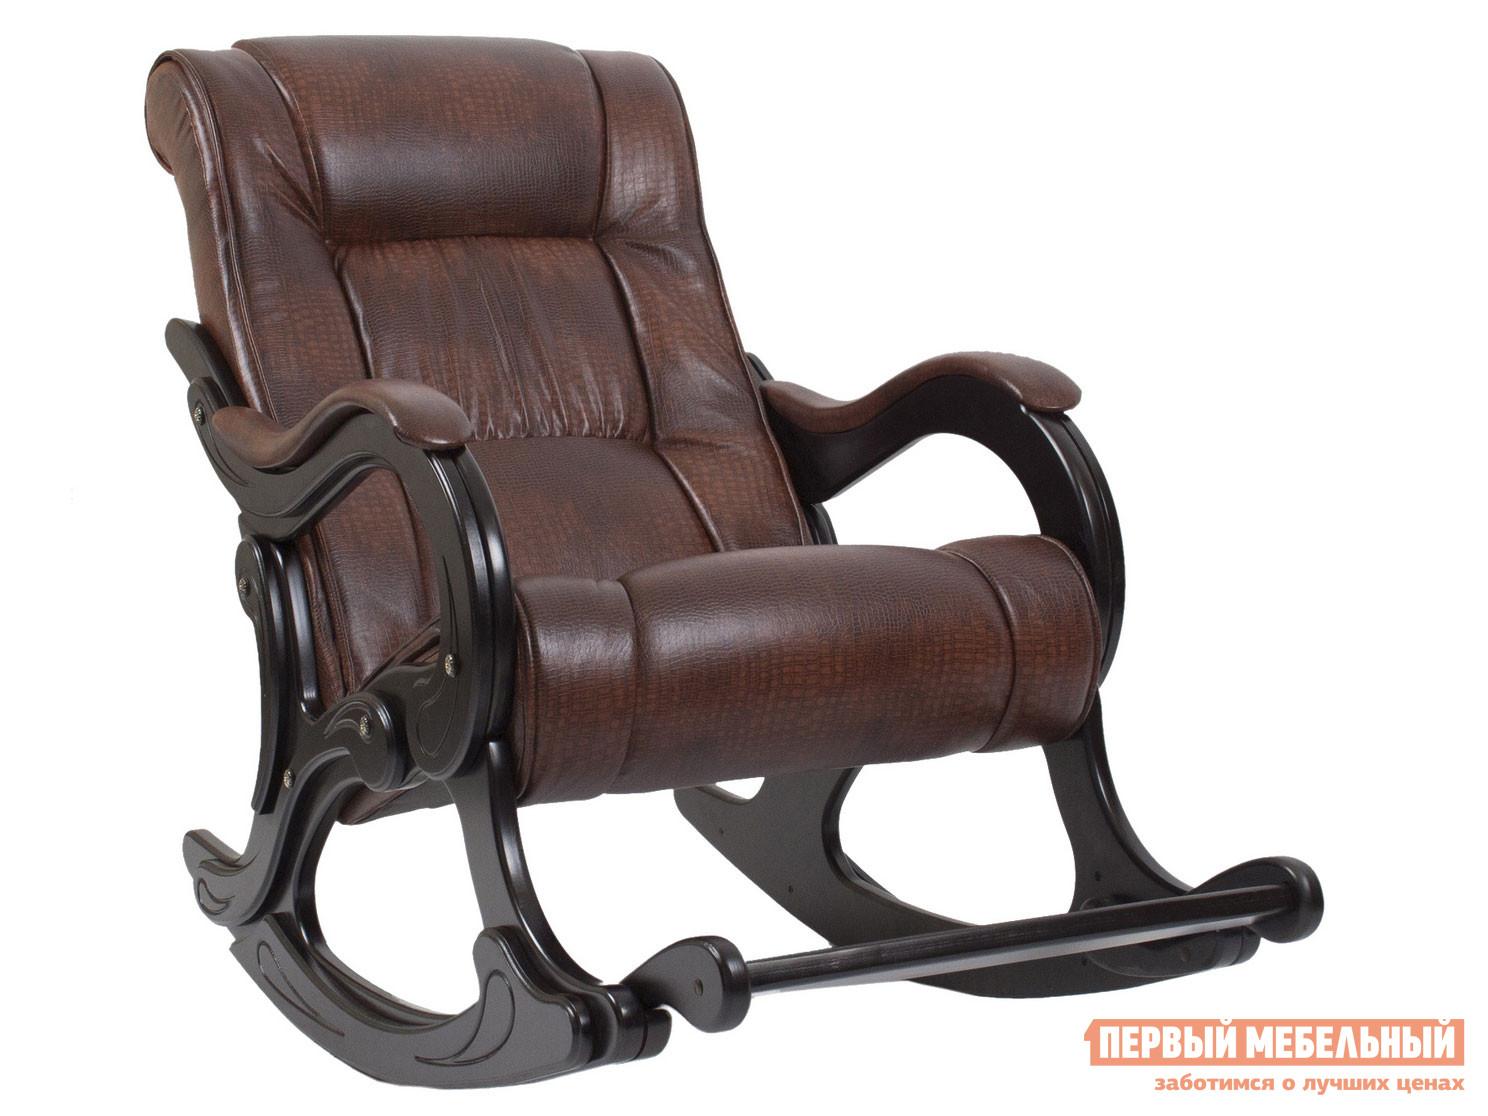 Кресло-качалка Мебель Импэкс Кресло-качалка Комфорт Модель 77 кресло качалка мебель импэкс кресло качалка складное белтех